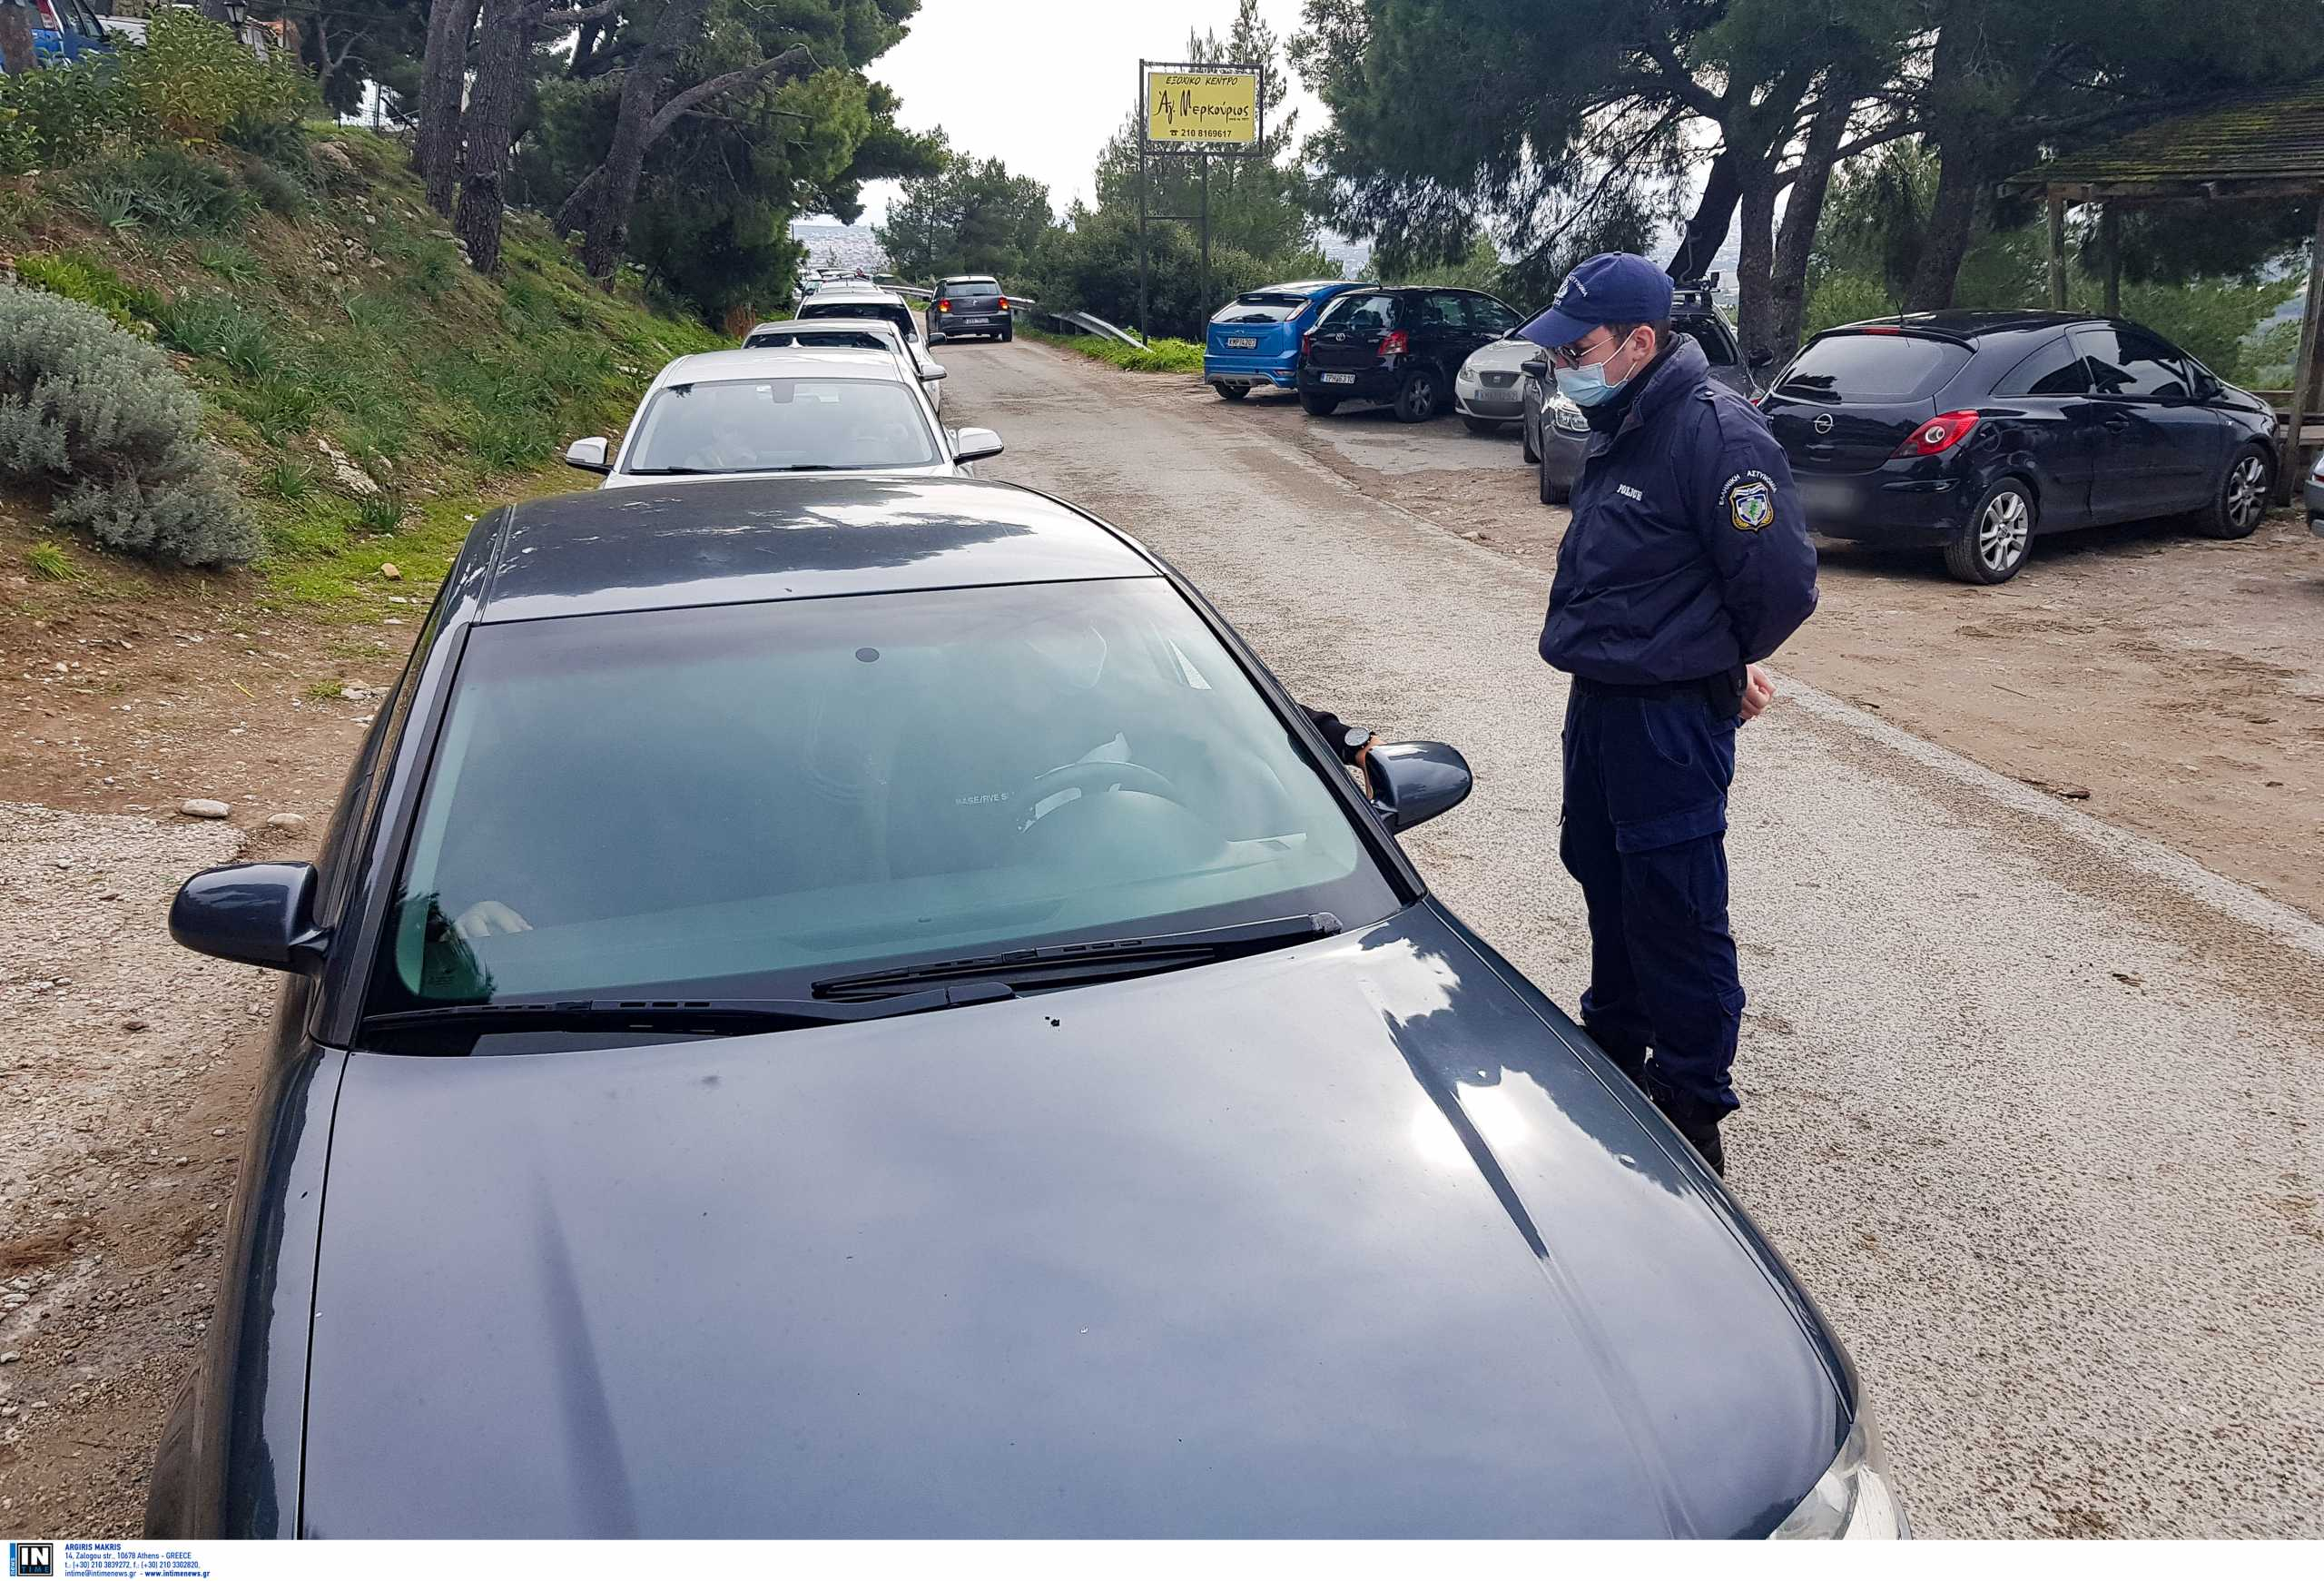 Απίστευτο: 17χρονος στη Ρόδο έκλεψε το αυτοκίνητο του… πατέρα του και συνελήφθη